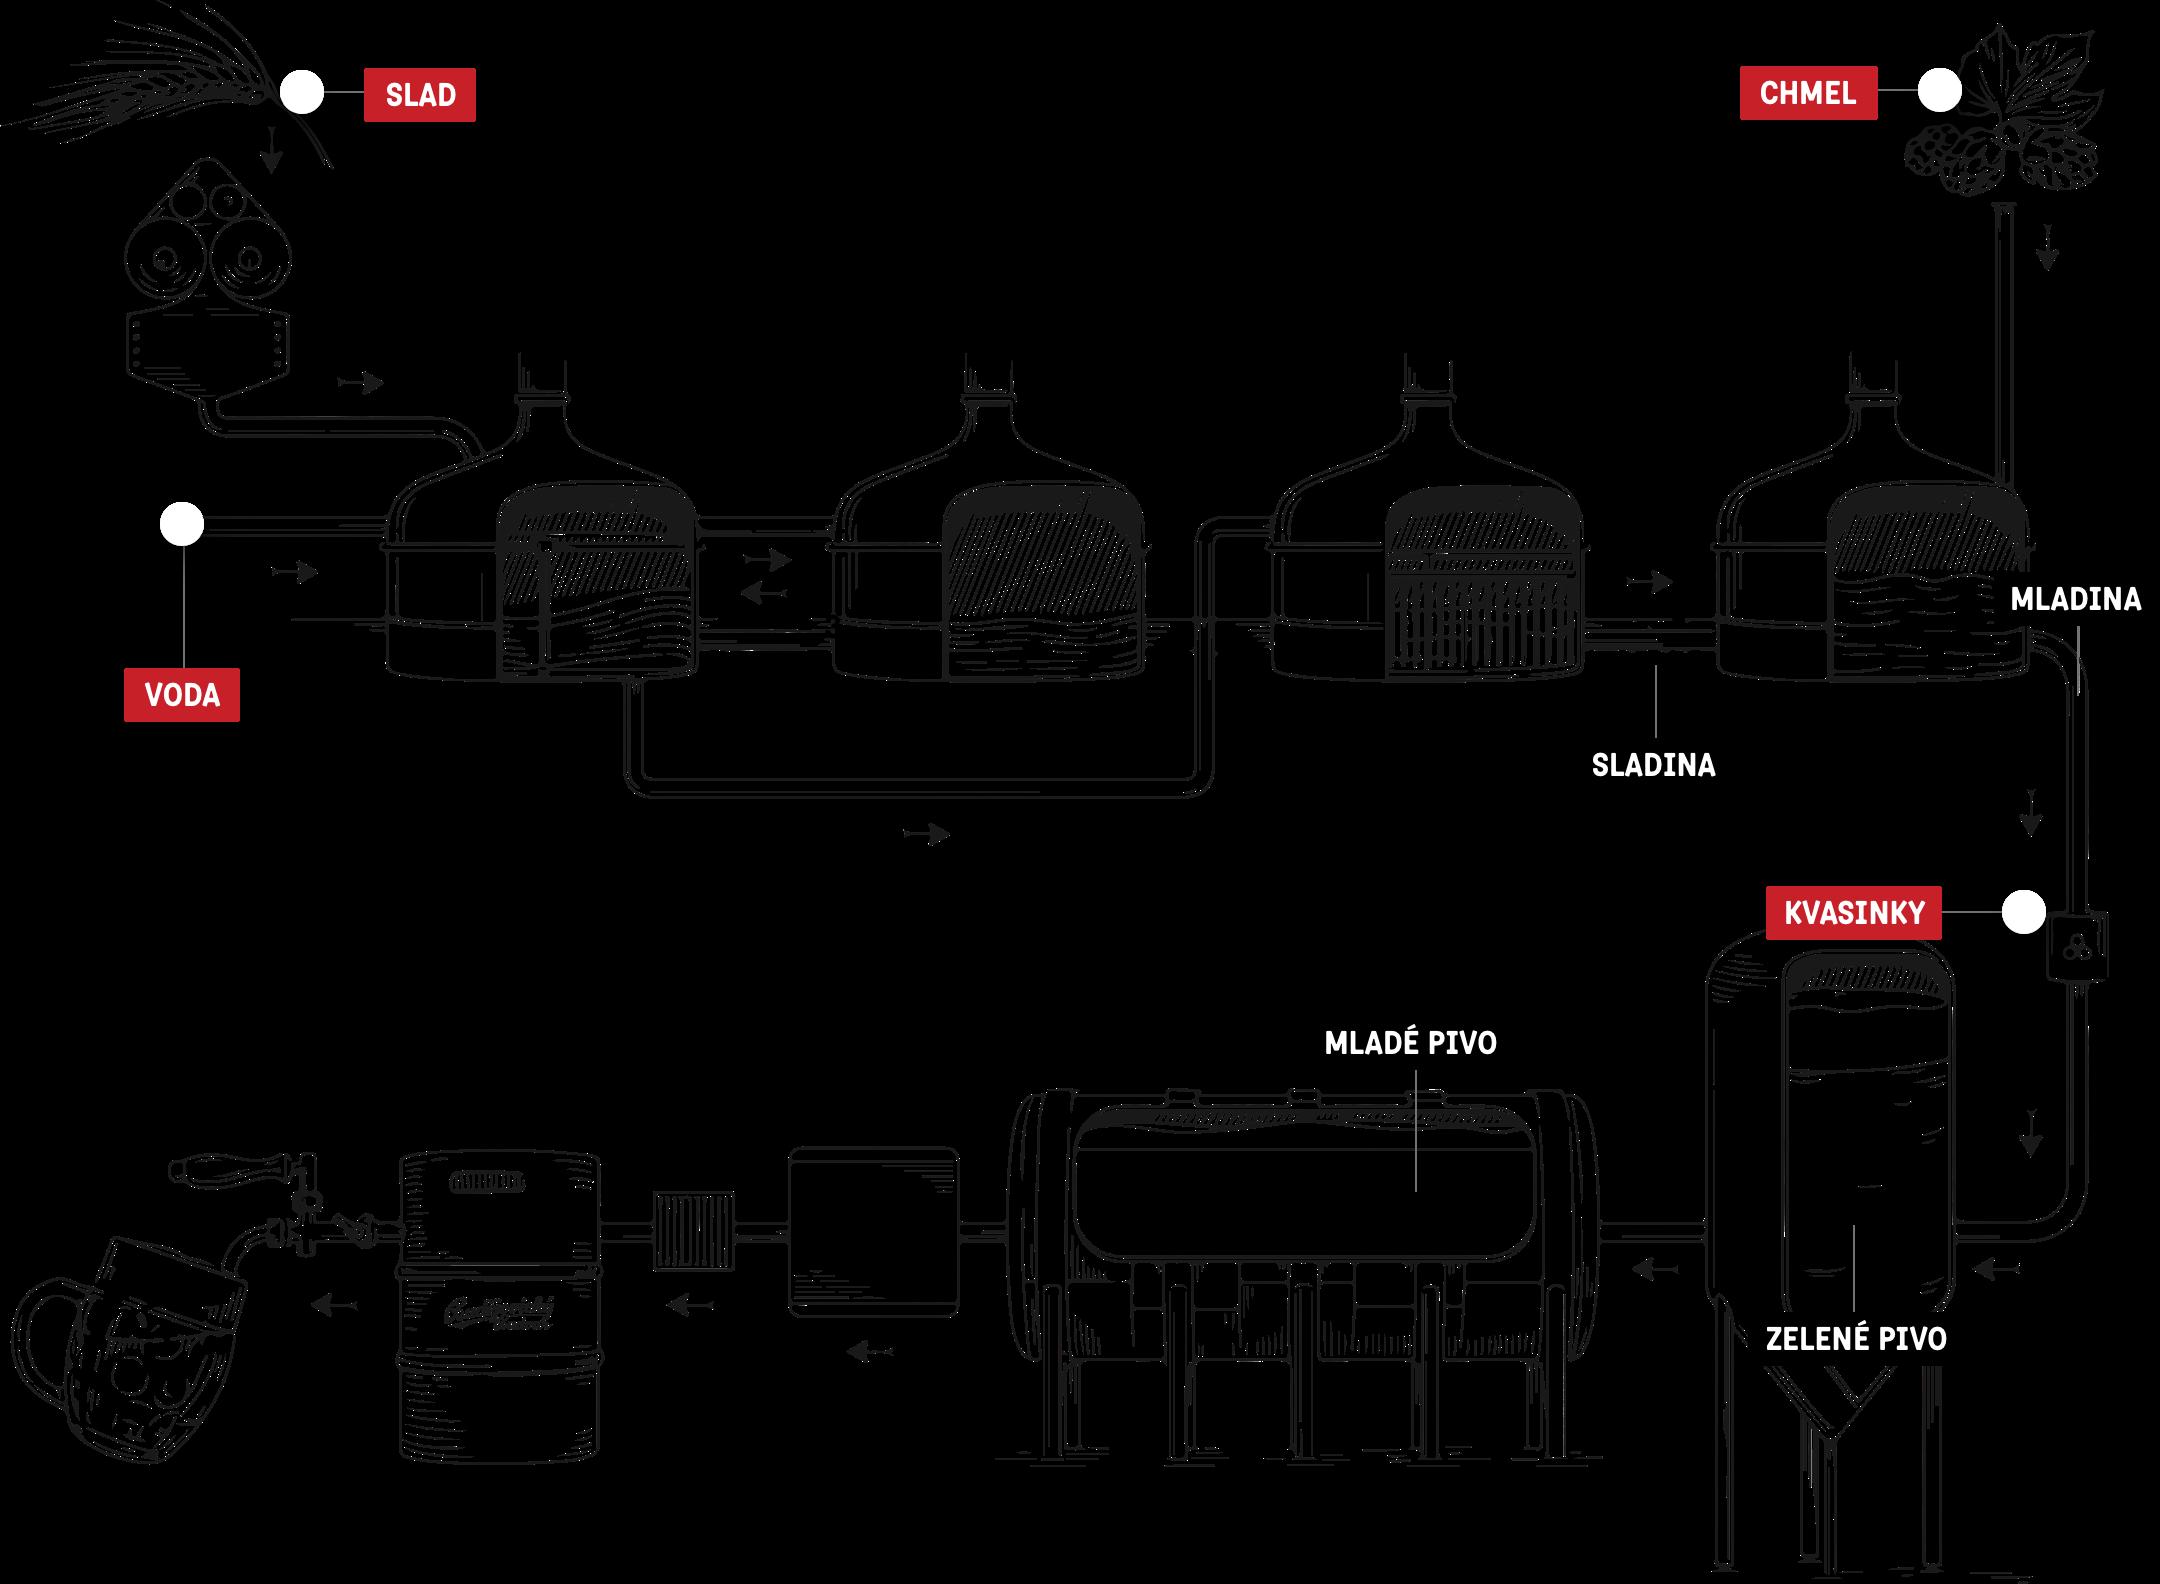 Obrázek popsiuje tvorbu výroby piva